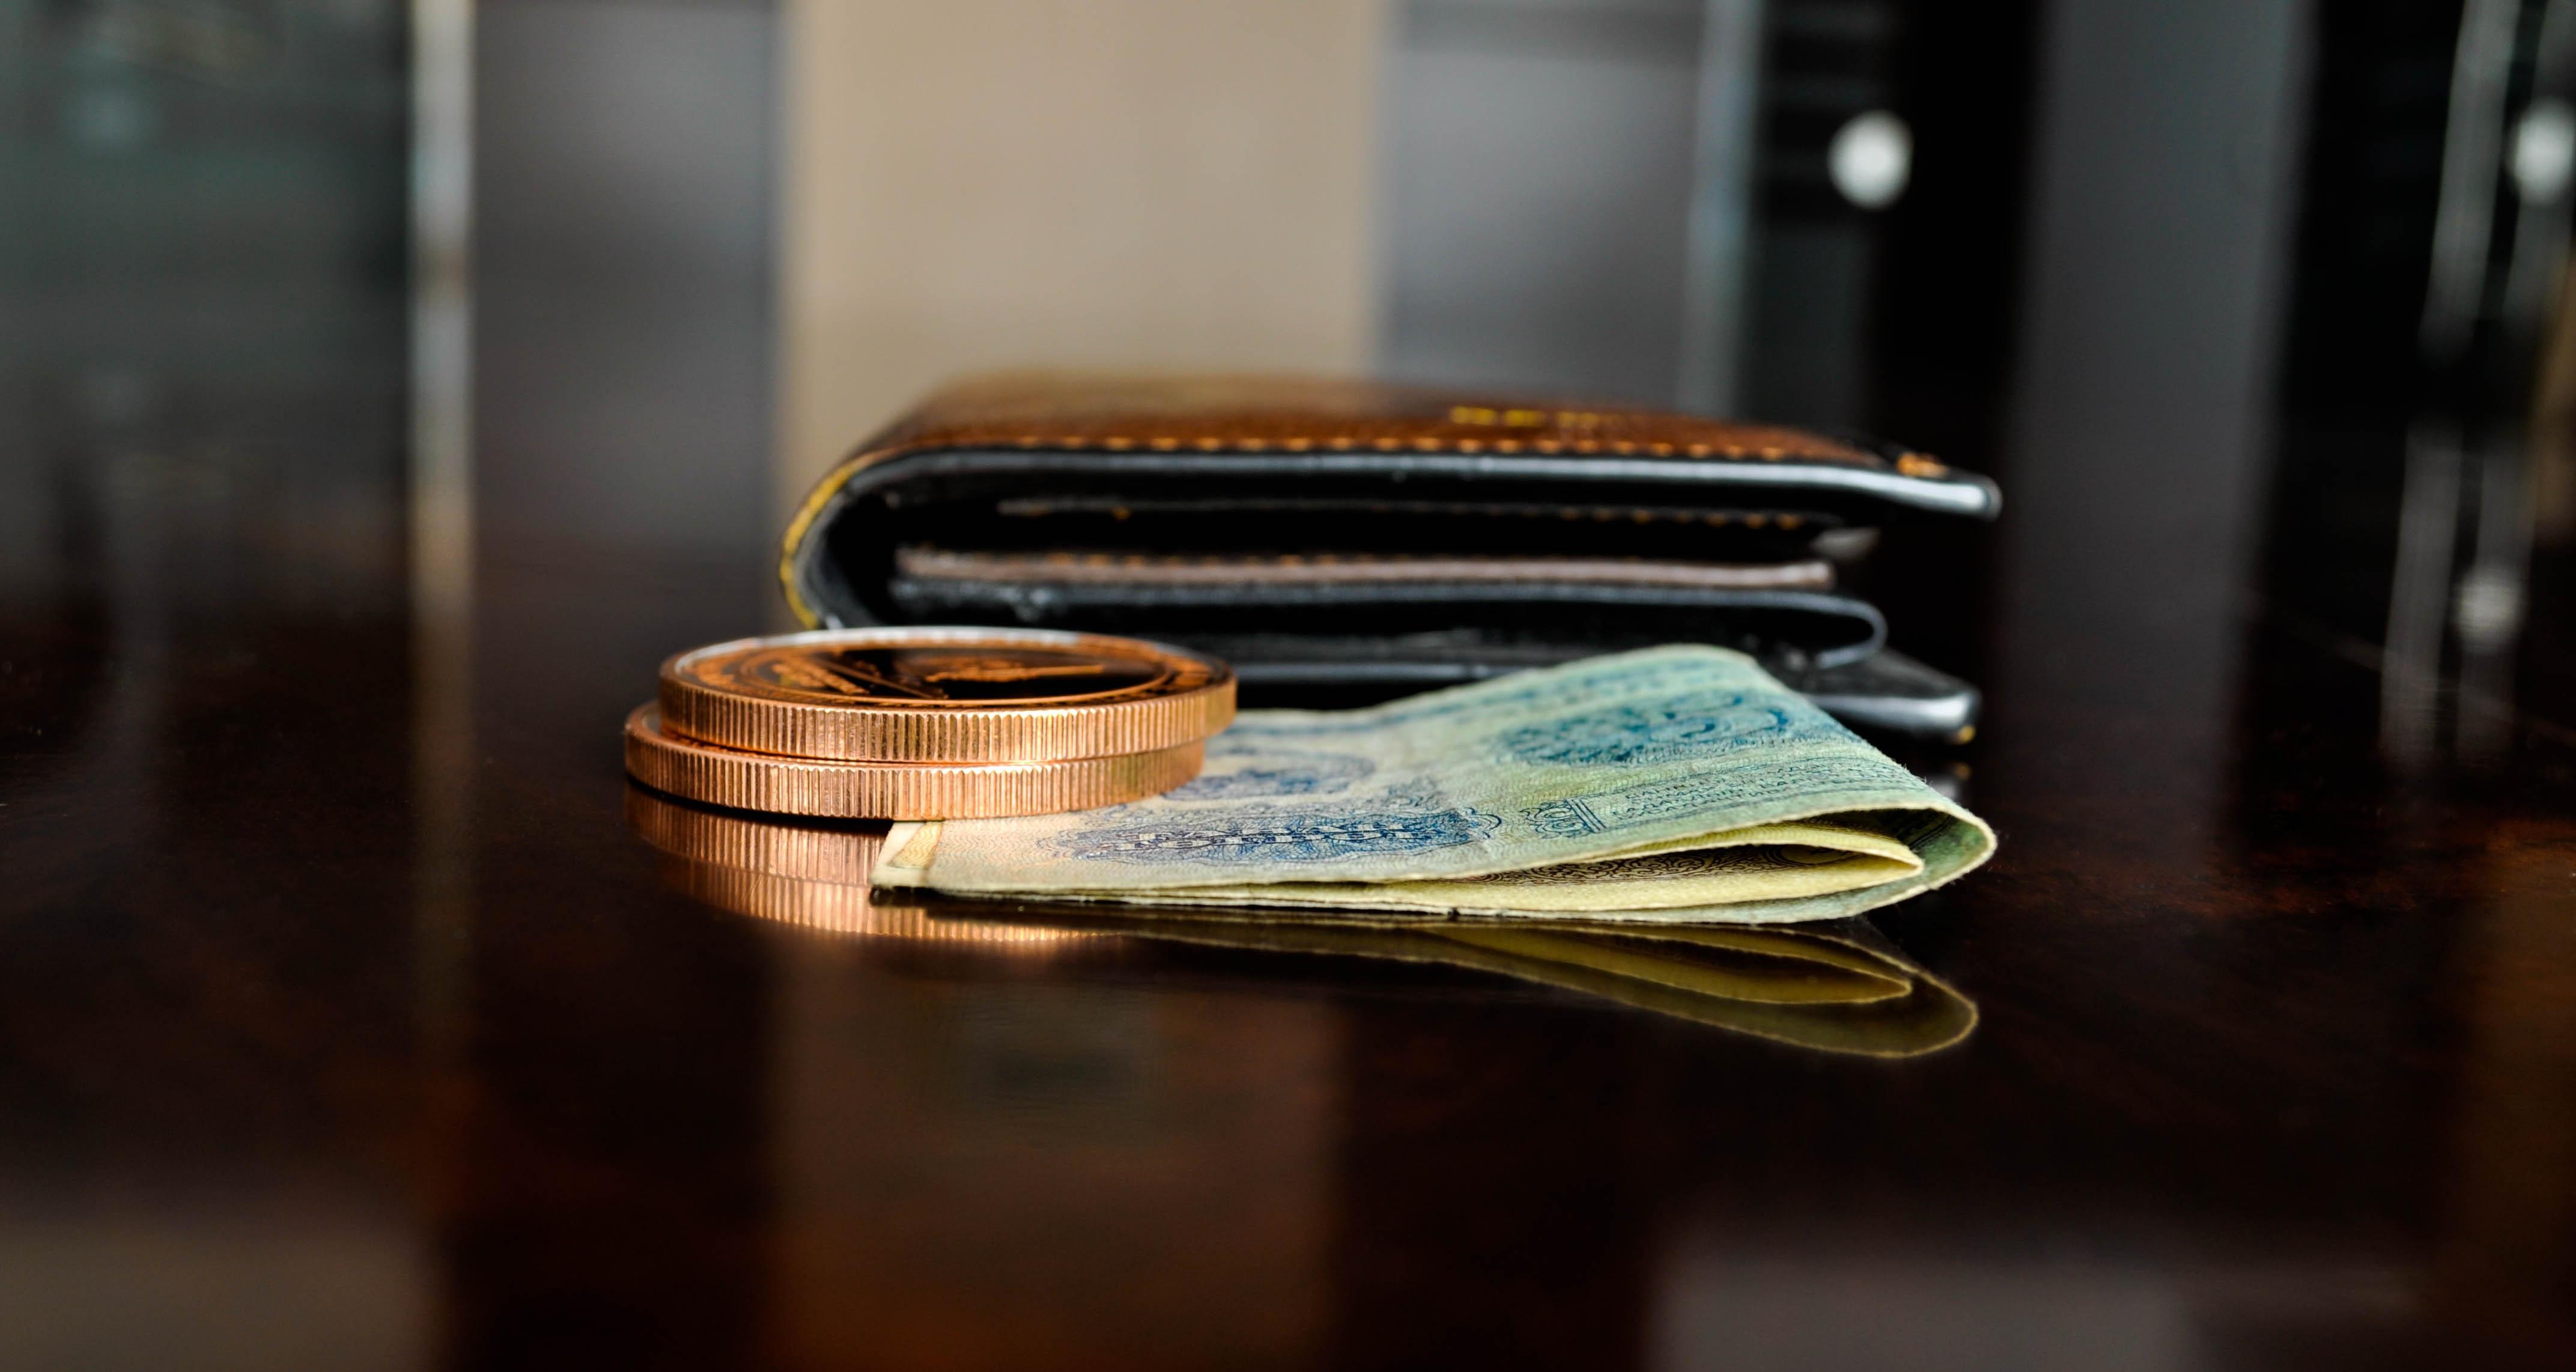 Картинки на рабочий стол кошелек с деньгами